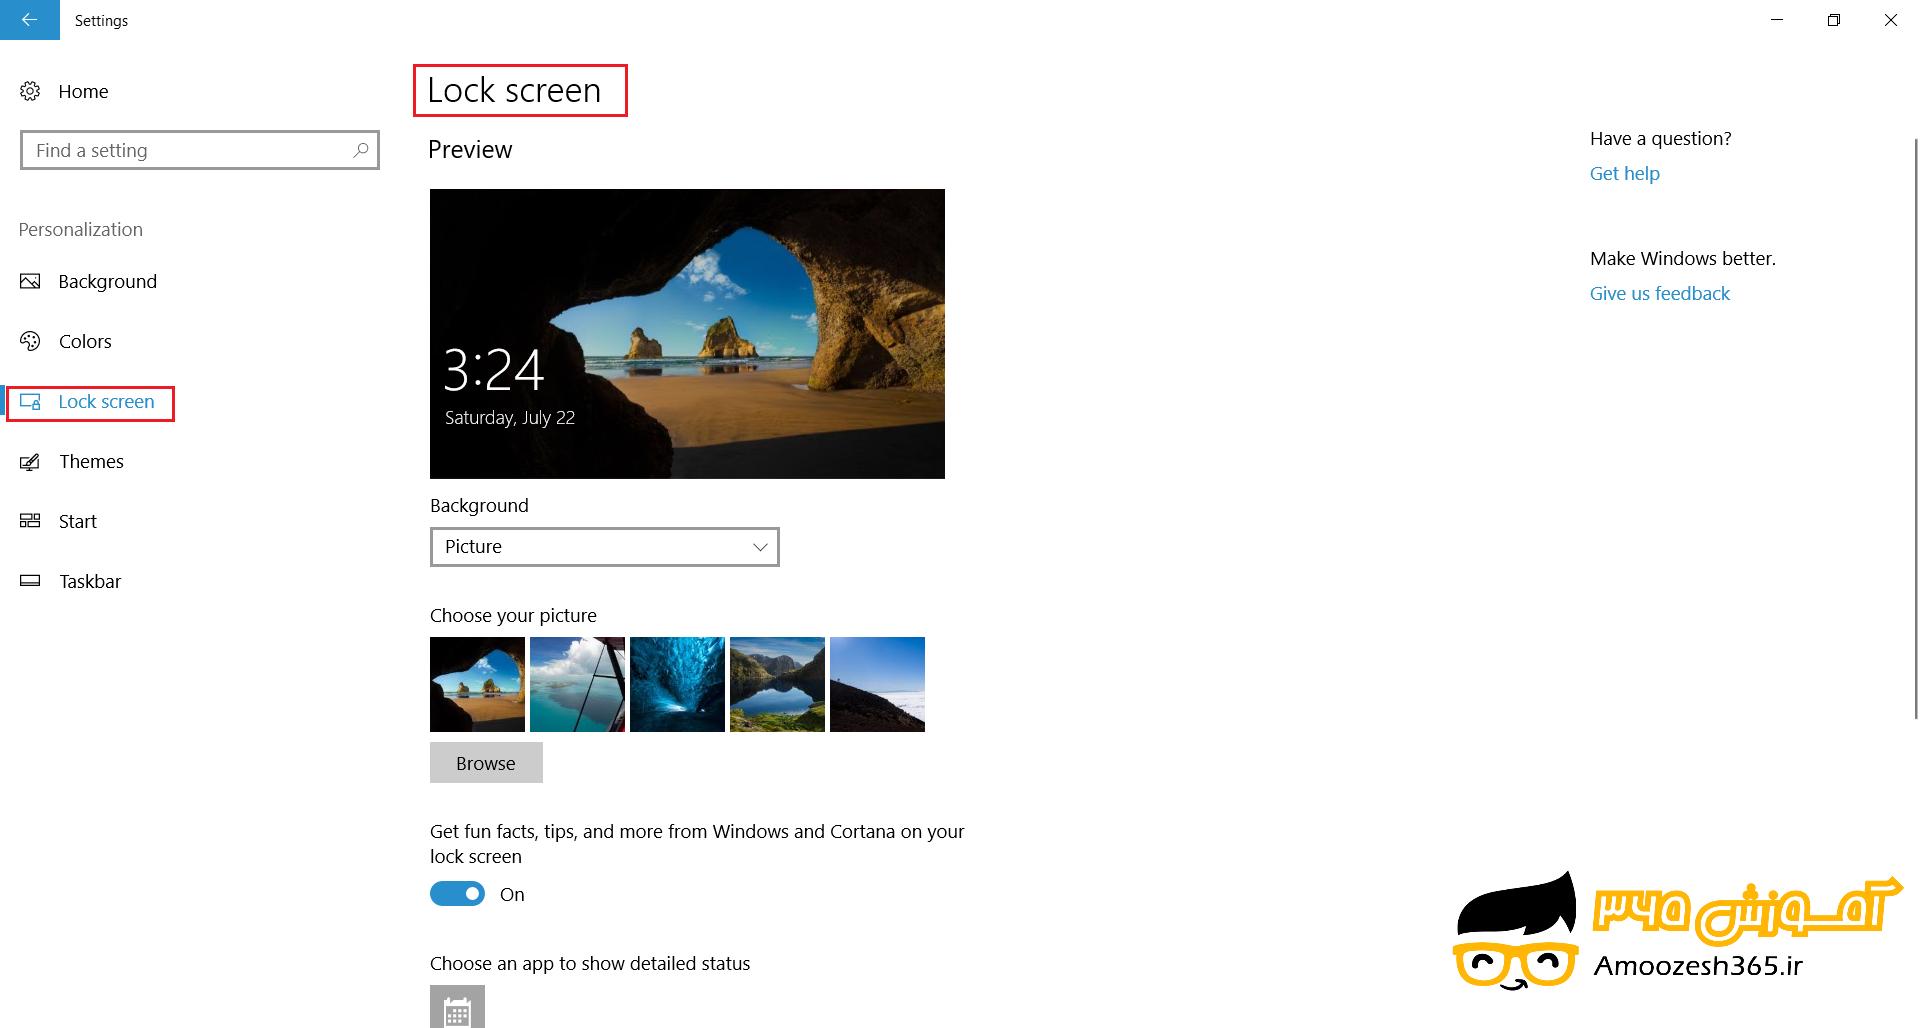 Поменять Обои На Рабочем Столе Windows 10